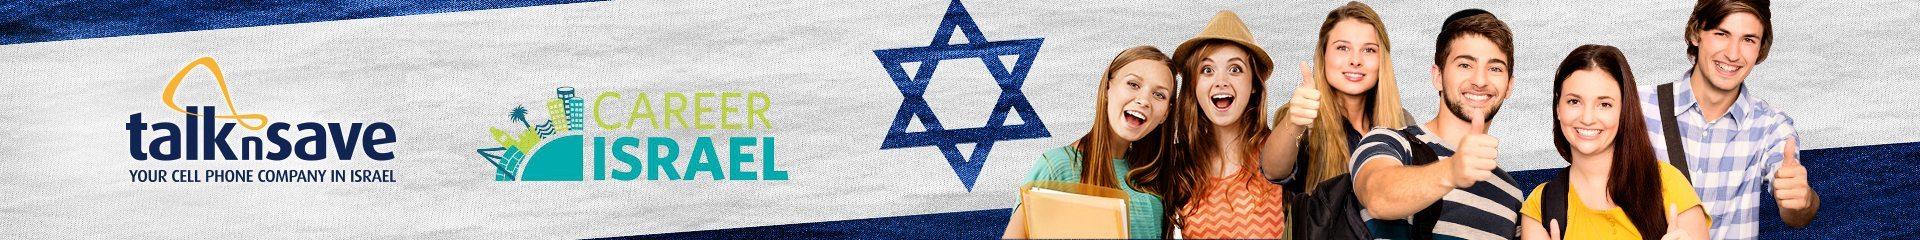 Career-Israel-Banner